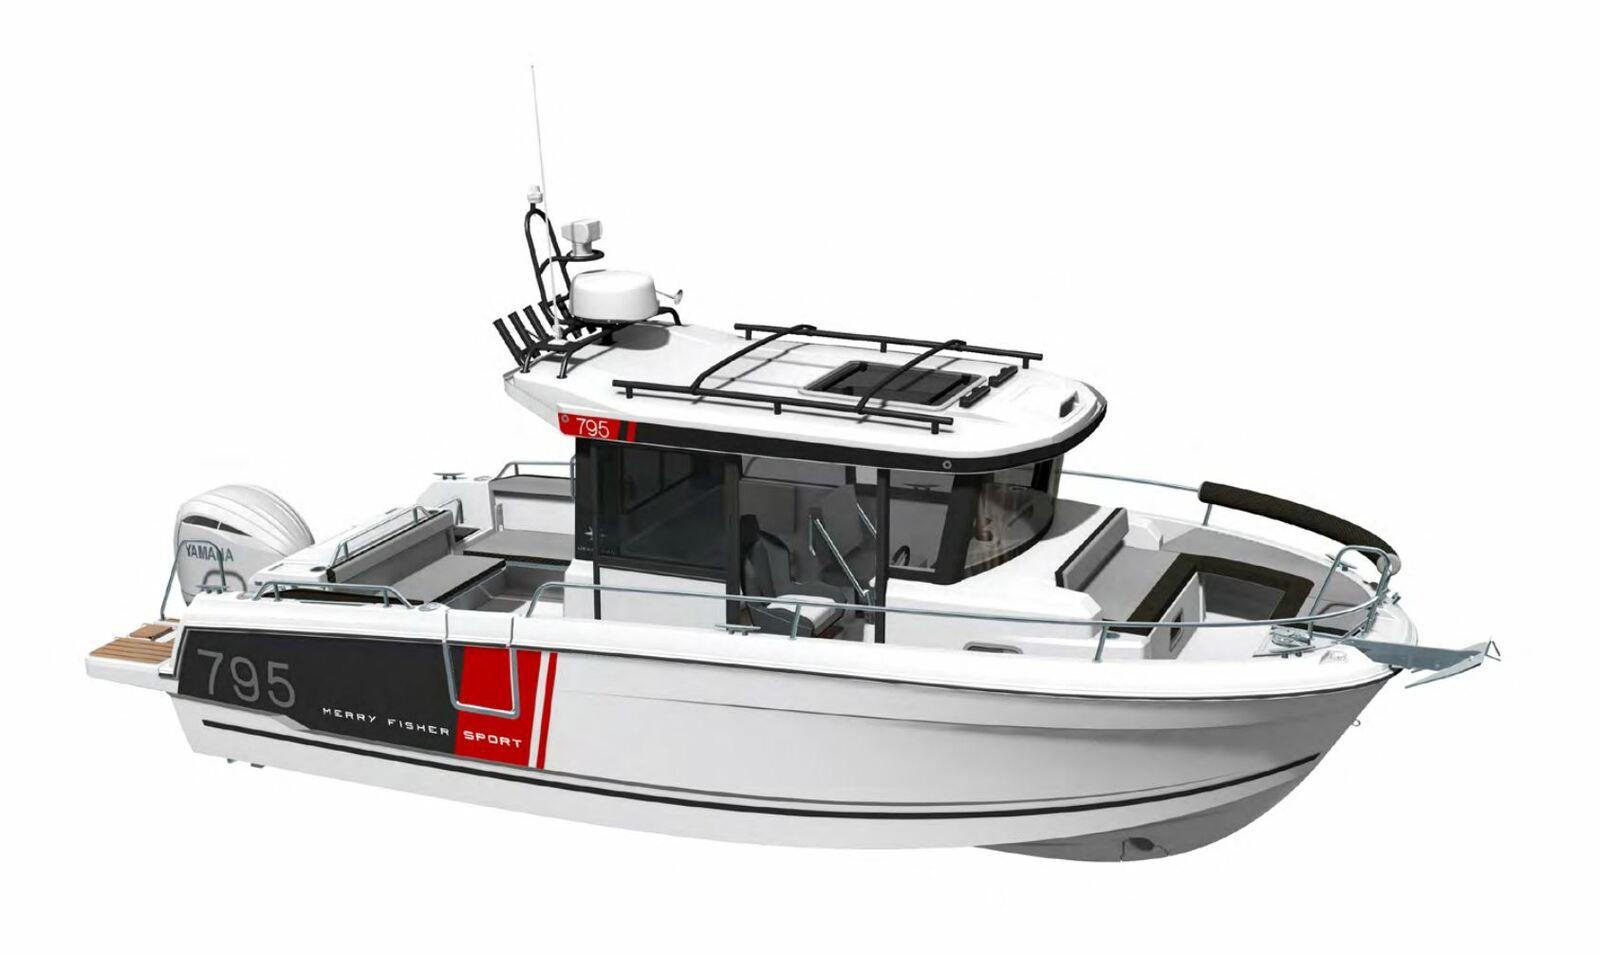 Ny motorbåt 2021 - Jeanneau Merry Fisher Sport 795 Serie 2